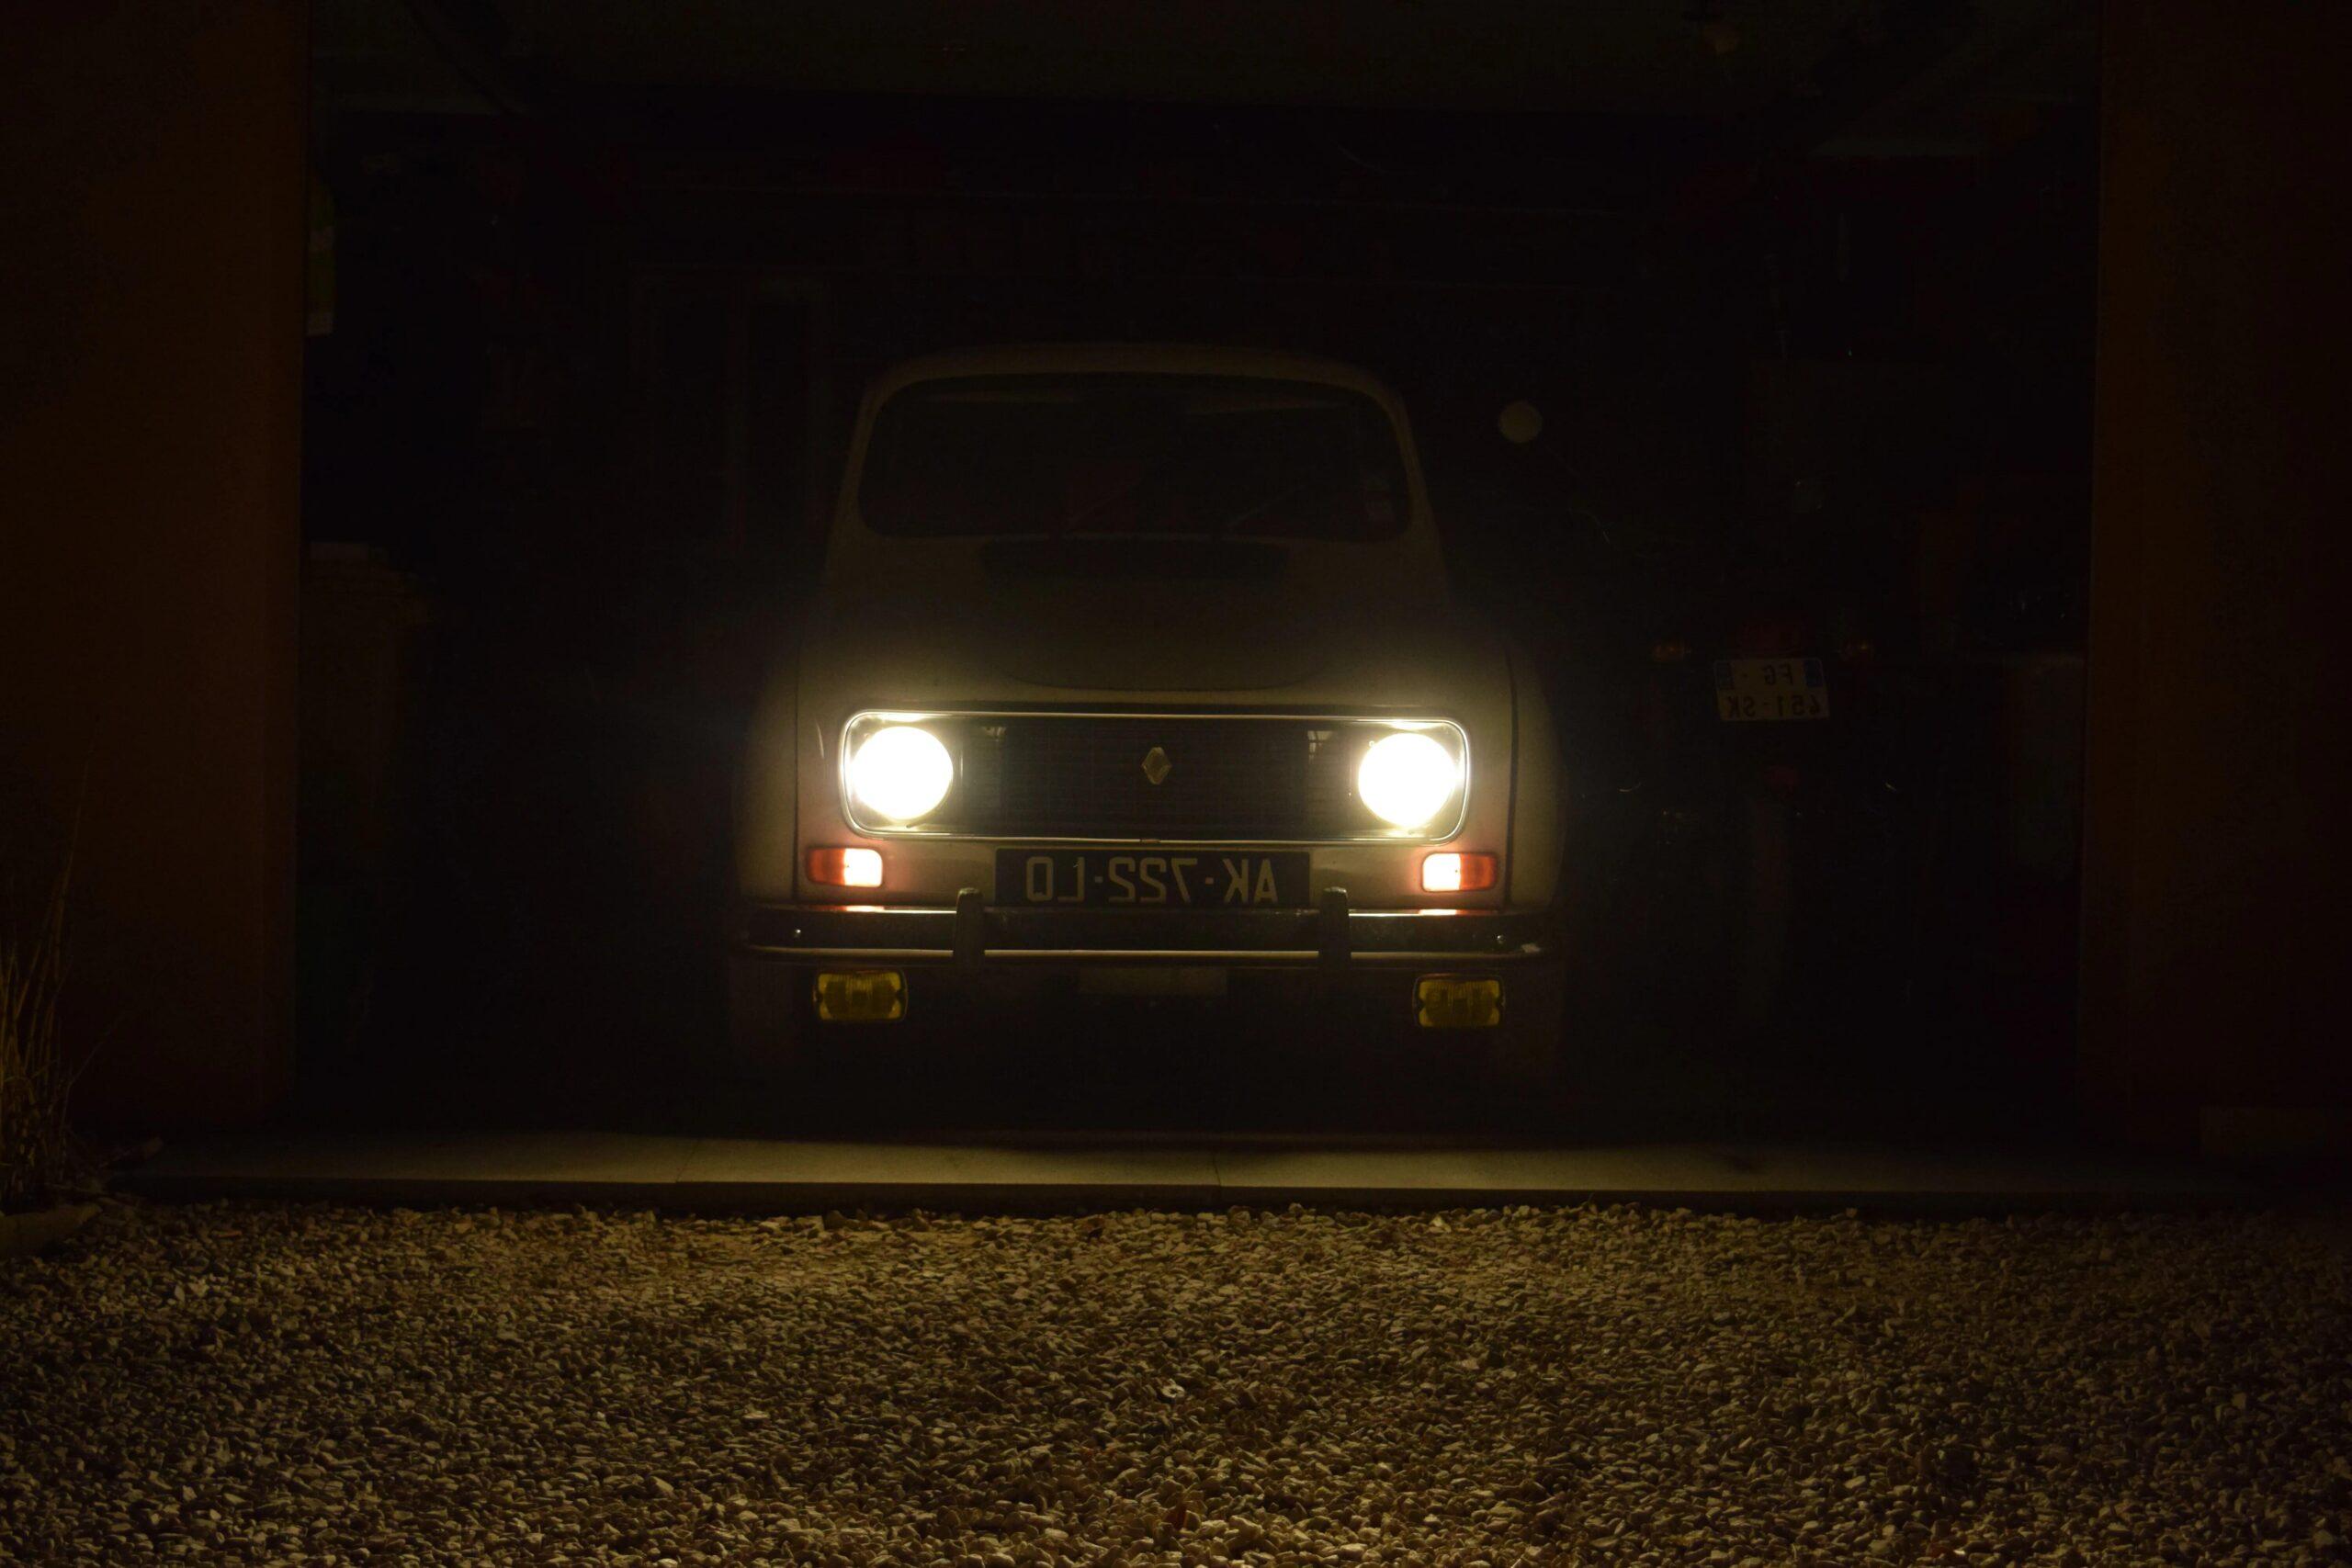 Comment fonctionne l'éclairage d'une voiture ?